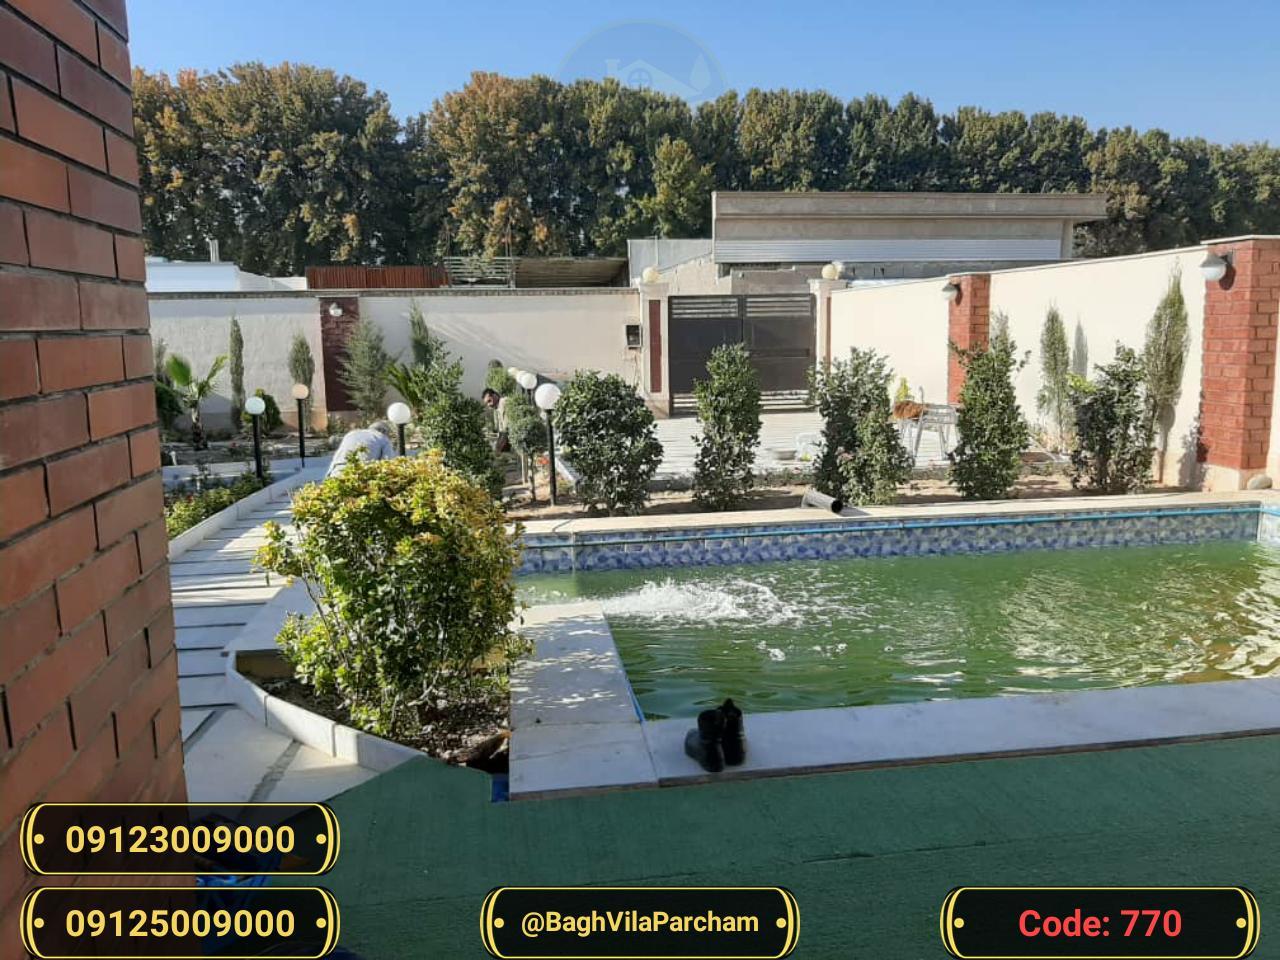 تصویر عکس باغ ویلا شماره 1 از ویلای ۵۰۰ متر ویلا زیبا Picture photo image 1 of ۵۰۰ متر ویلا زیبا